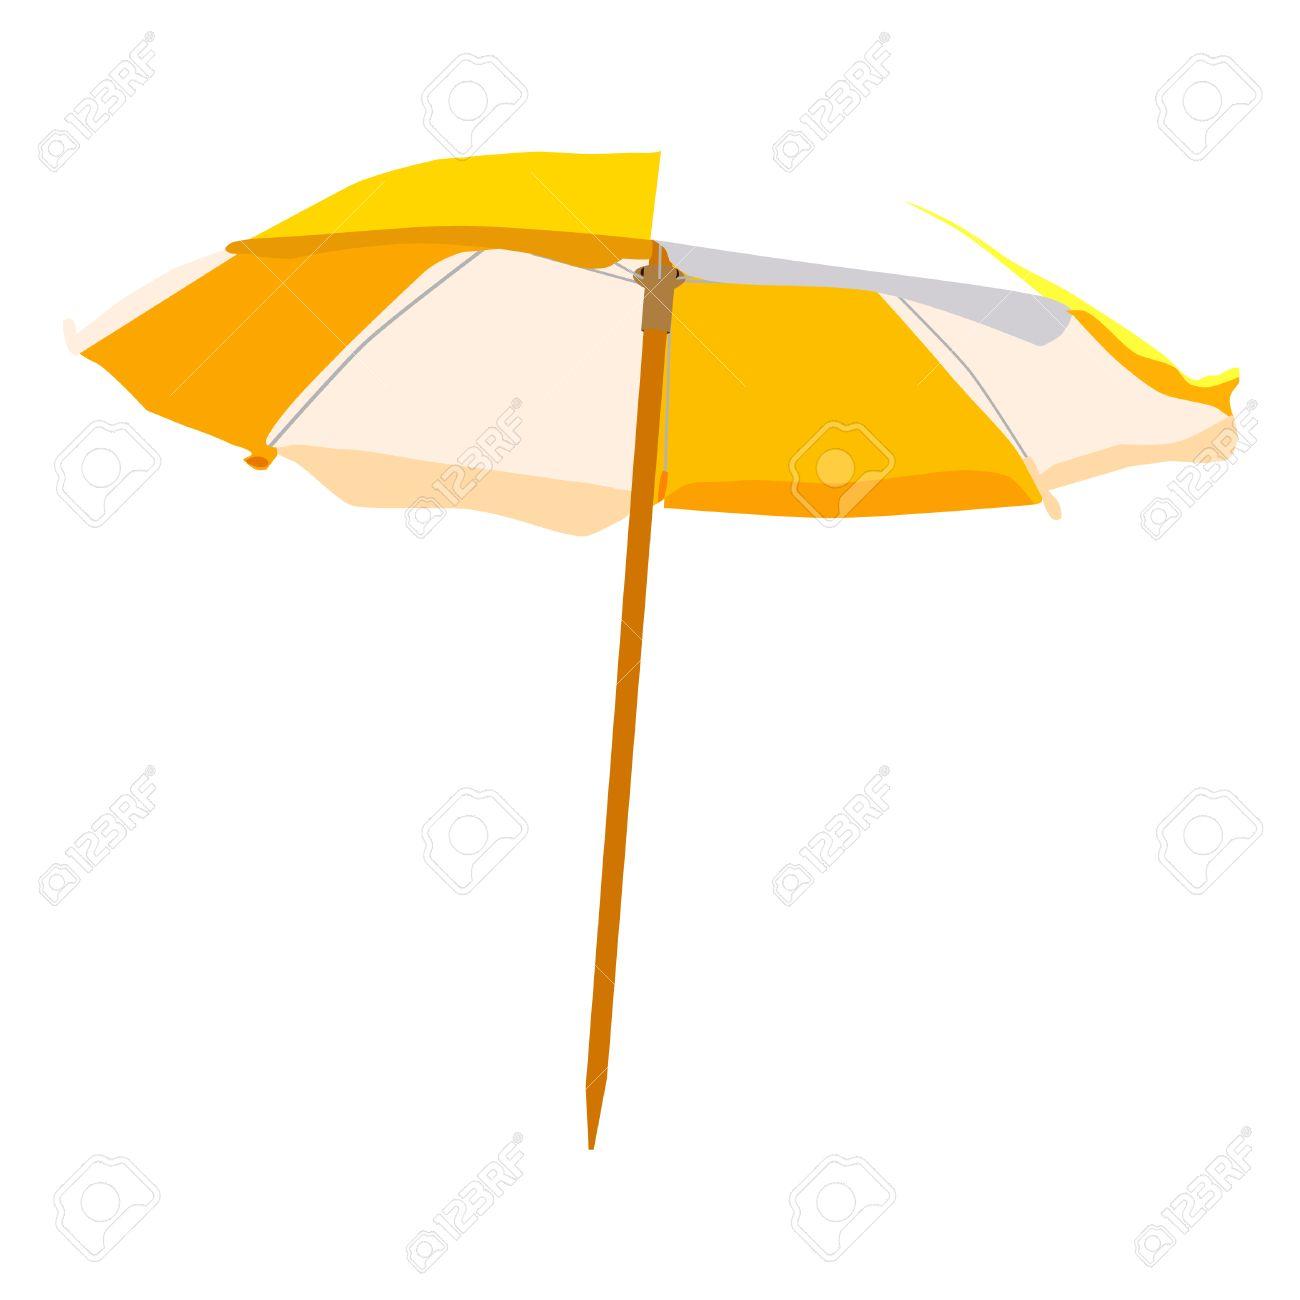 Beach umbrella, beach umbrella isolated, beach umbrella raster - 46534065